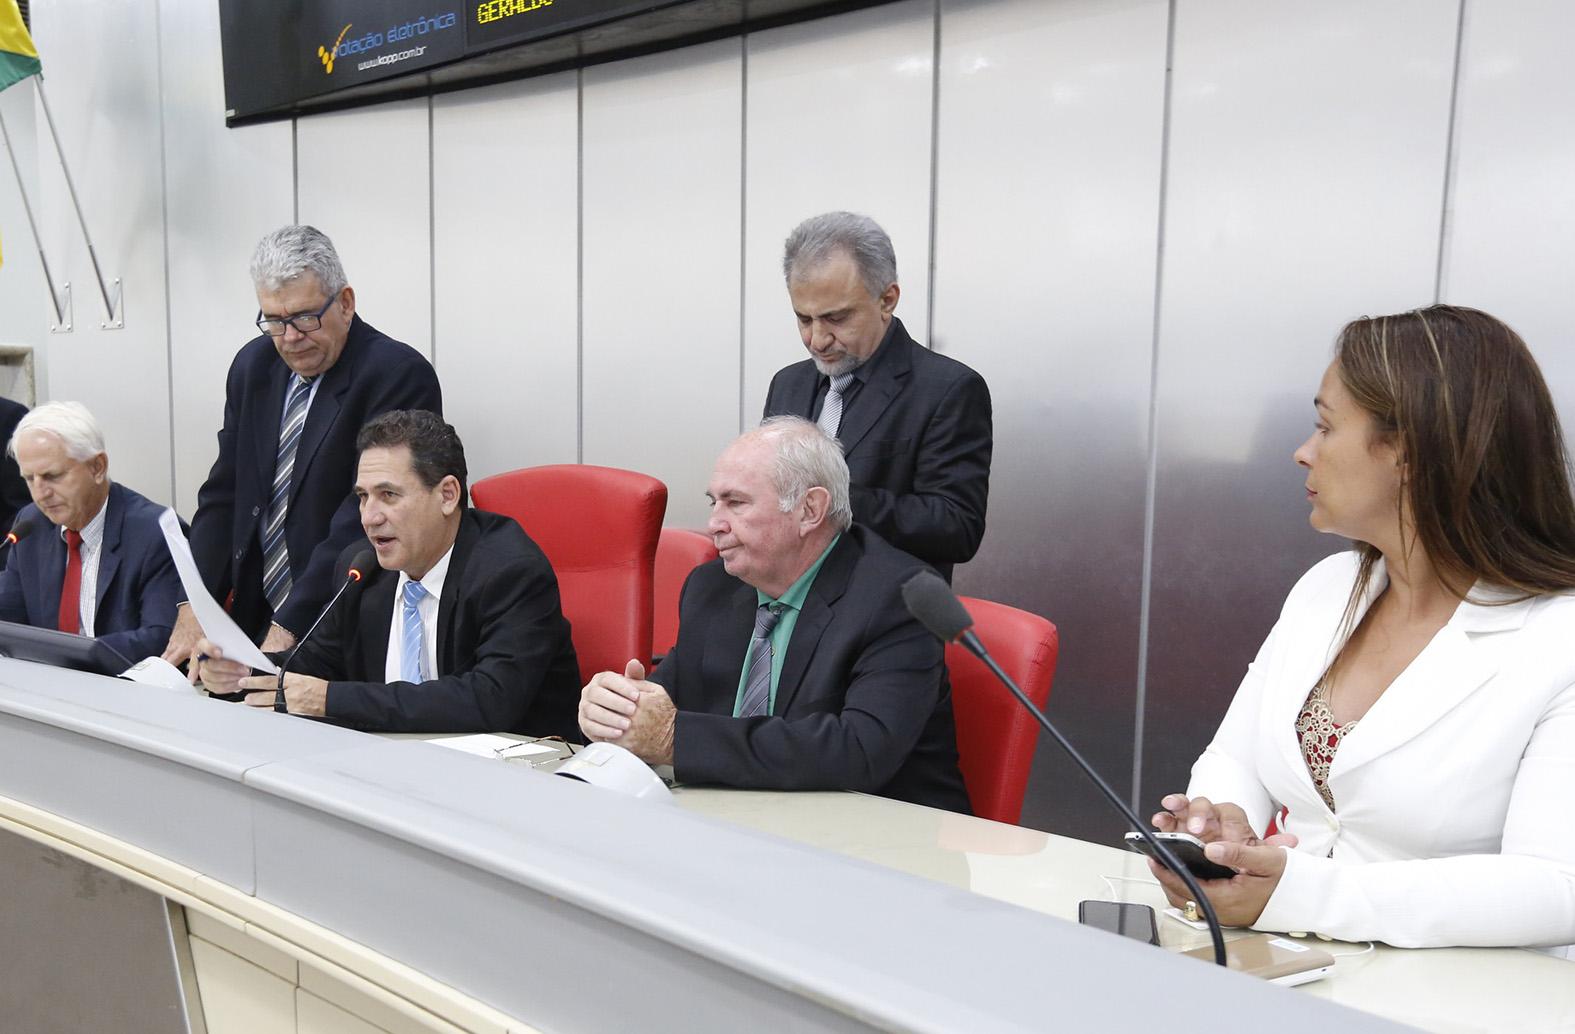 assembleia-faz-doacao-de-material-odontologico-e-de-enfermagem-a-prefeitura-da-capital.jpg